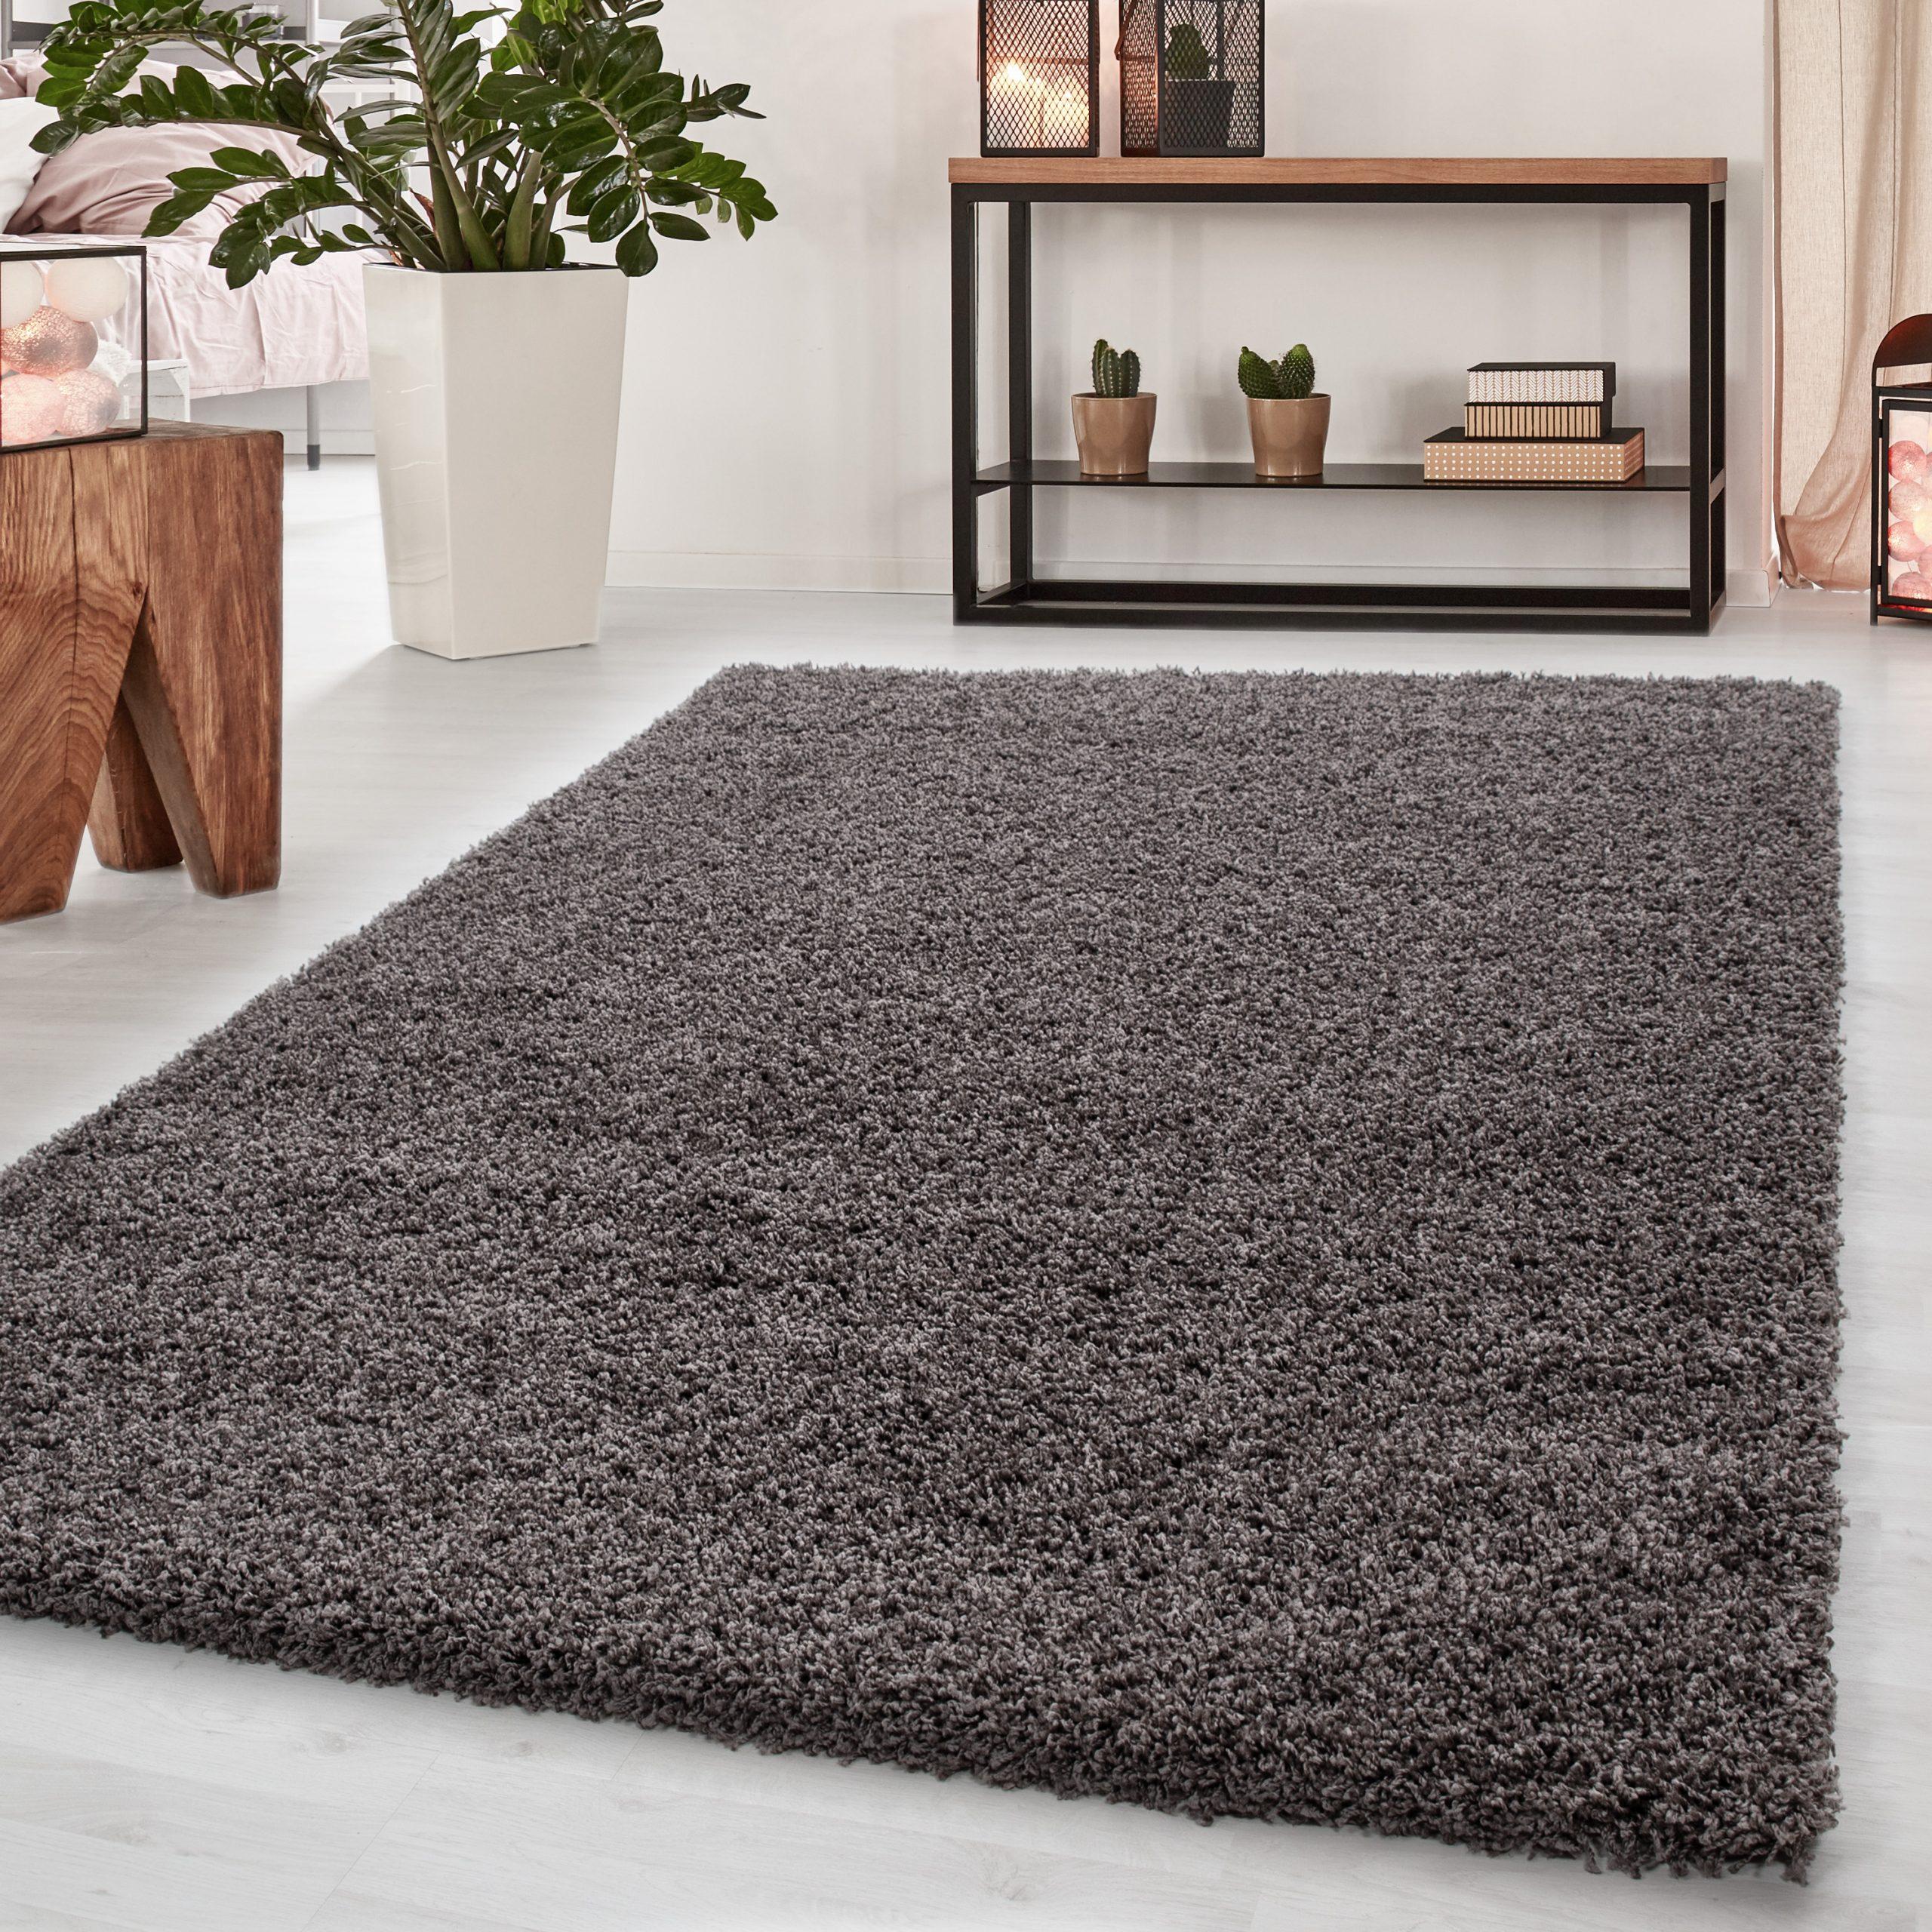 Full Size of Wohnzimmer Teppich Rund Oder Eckig Wohnzimmer Teppich Möbelix Wohnzimmer Ohne Teppich Wohnzimmer Teppich Design Wohnzimmer Wohnzimmer Teppich